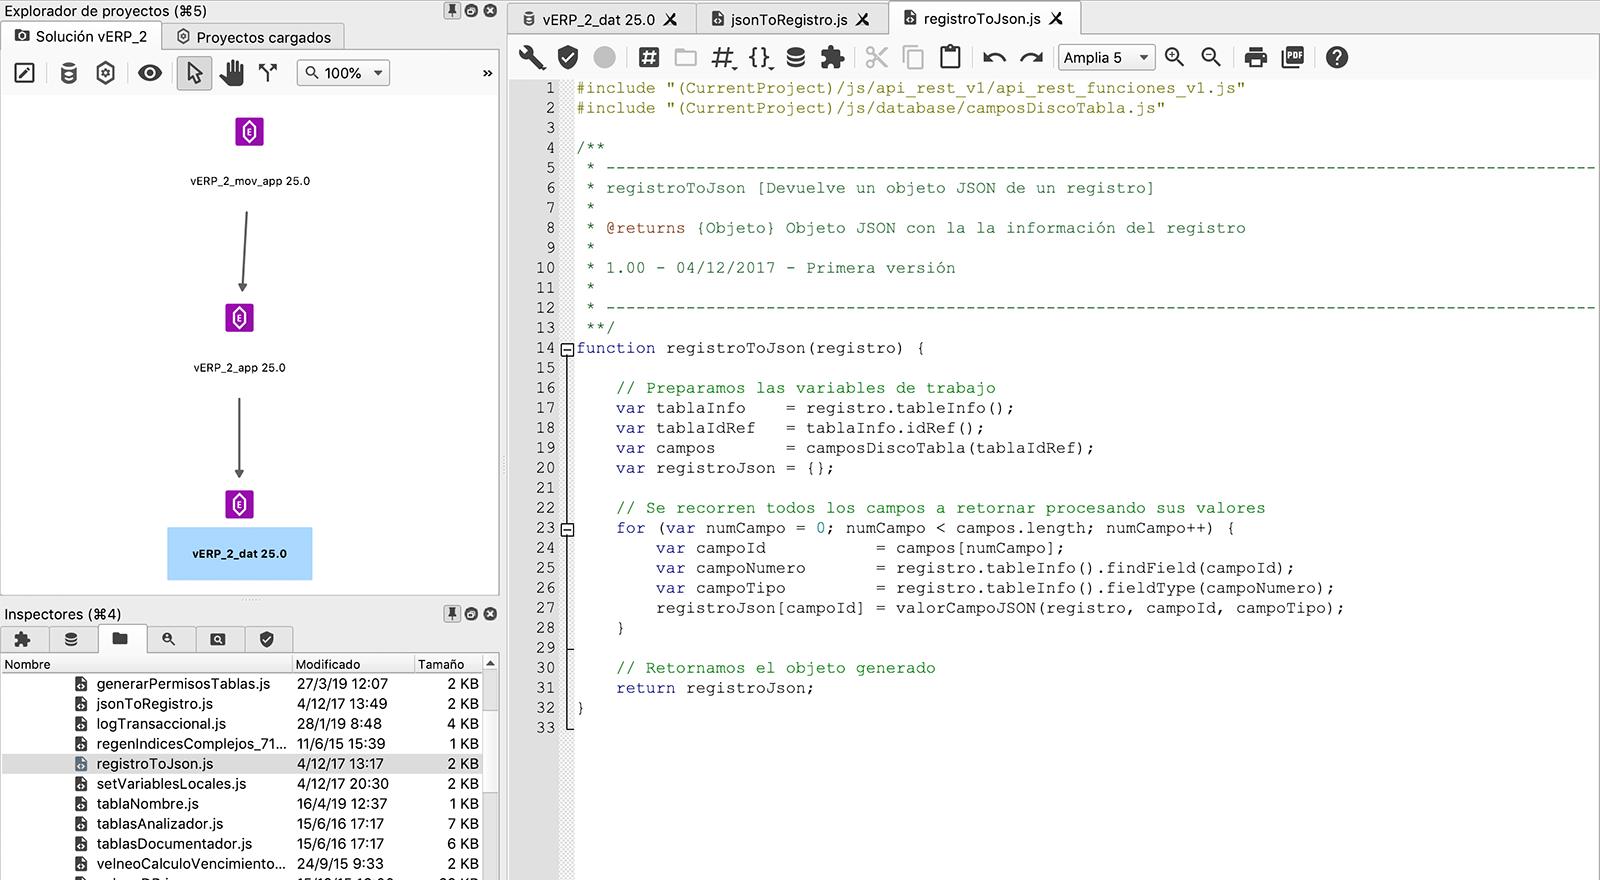 Este código está desarrollado con máxima calidad para que sea homogéneo y fácil de entender